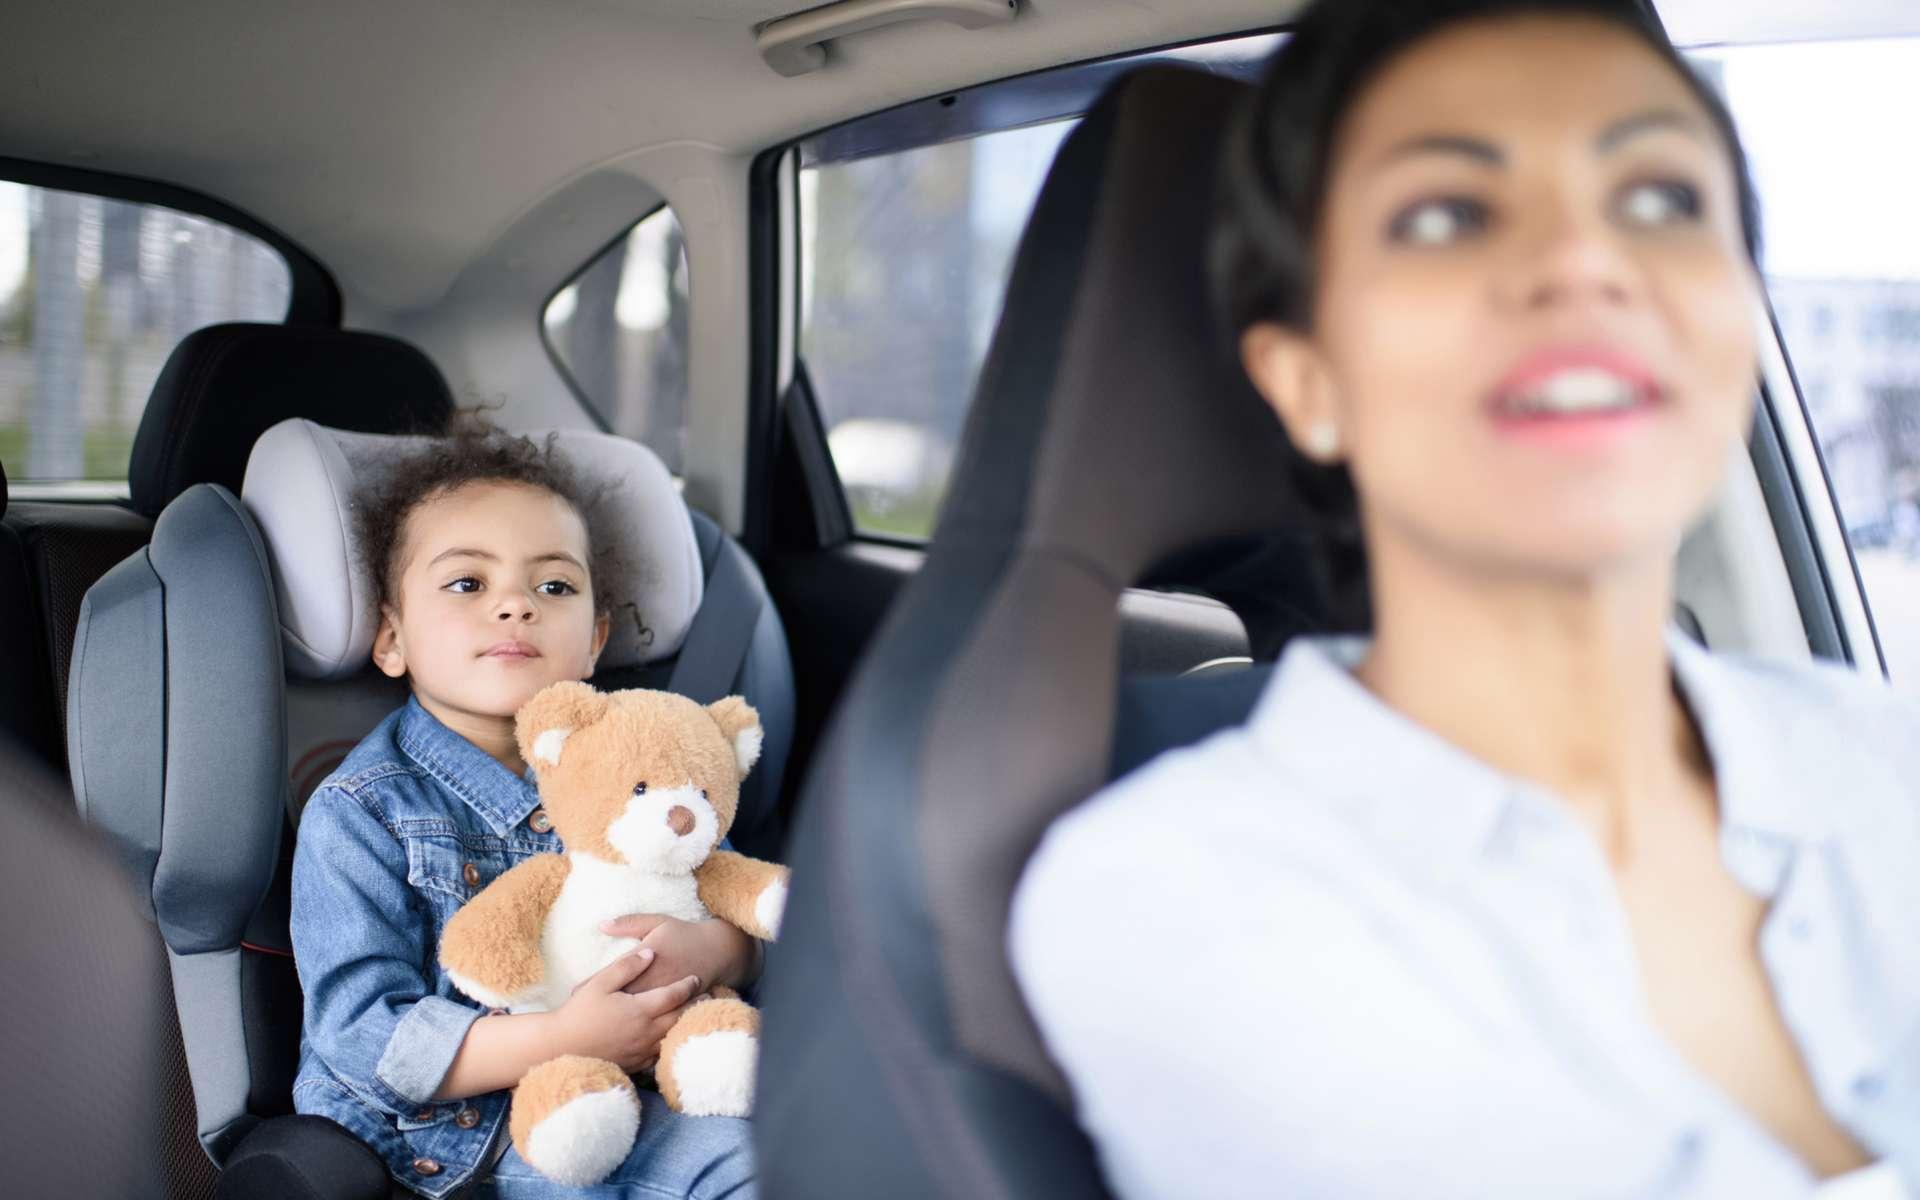 Mentir à ses enfants aurait des conséquences néfastes sur leur développement mental. © LightFieldStudios, IStock